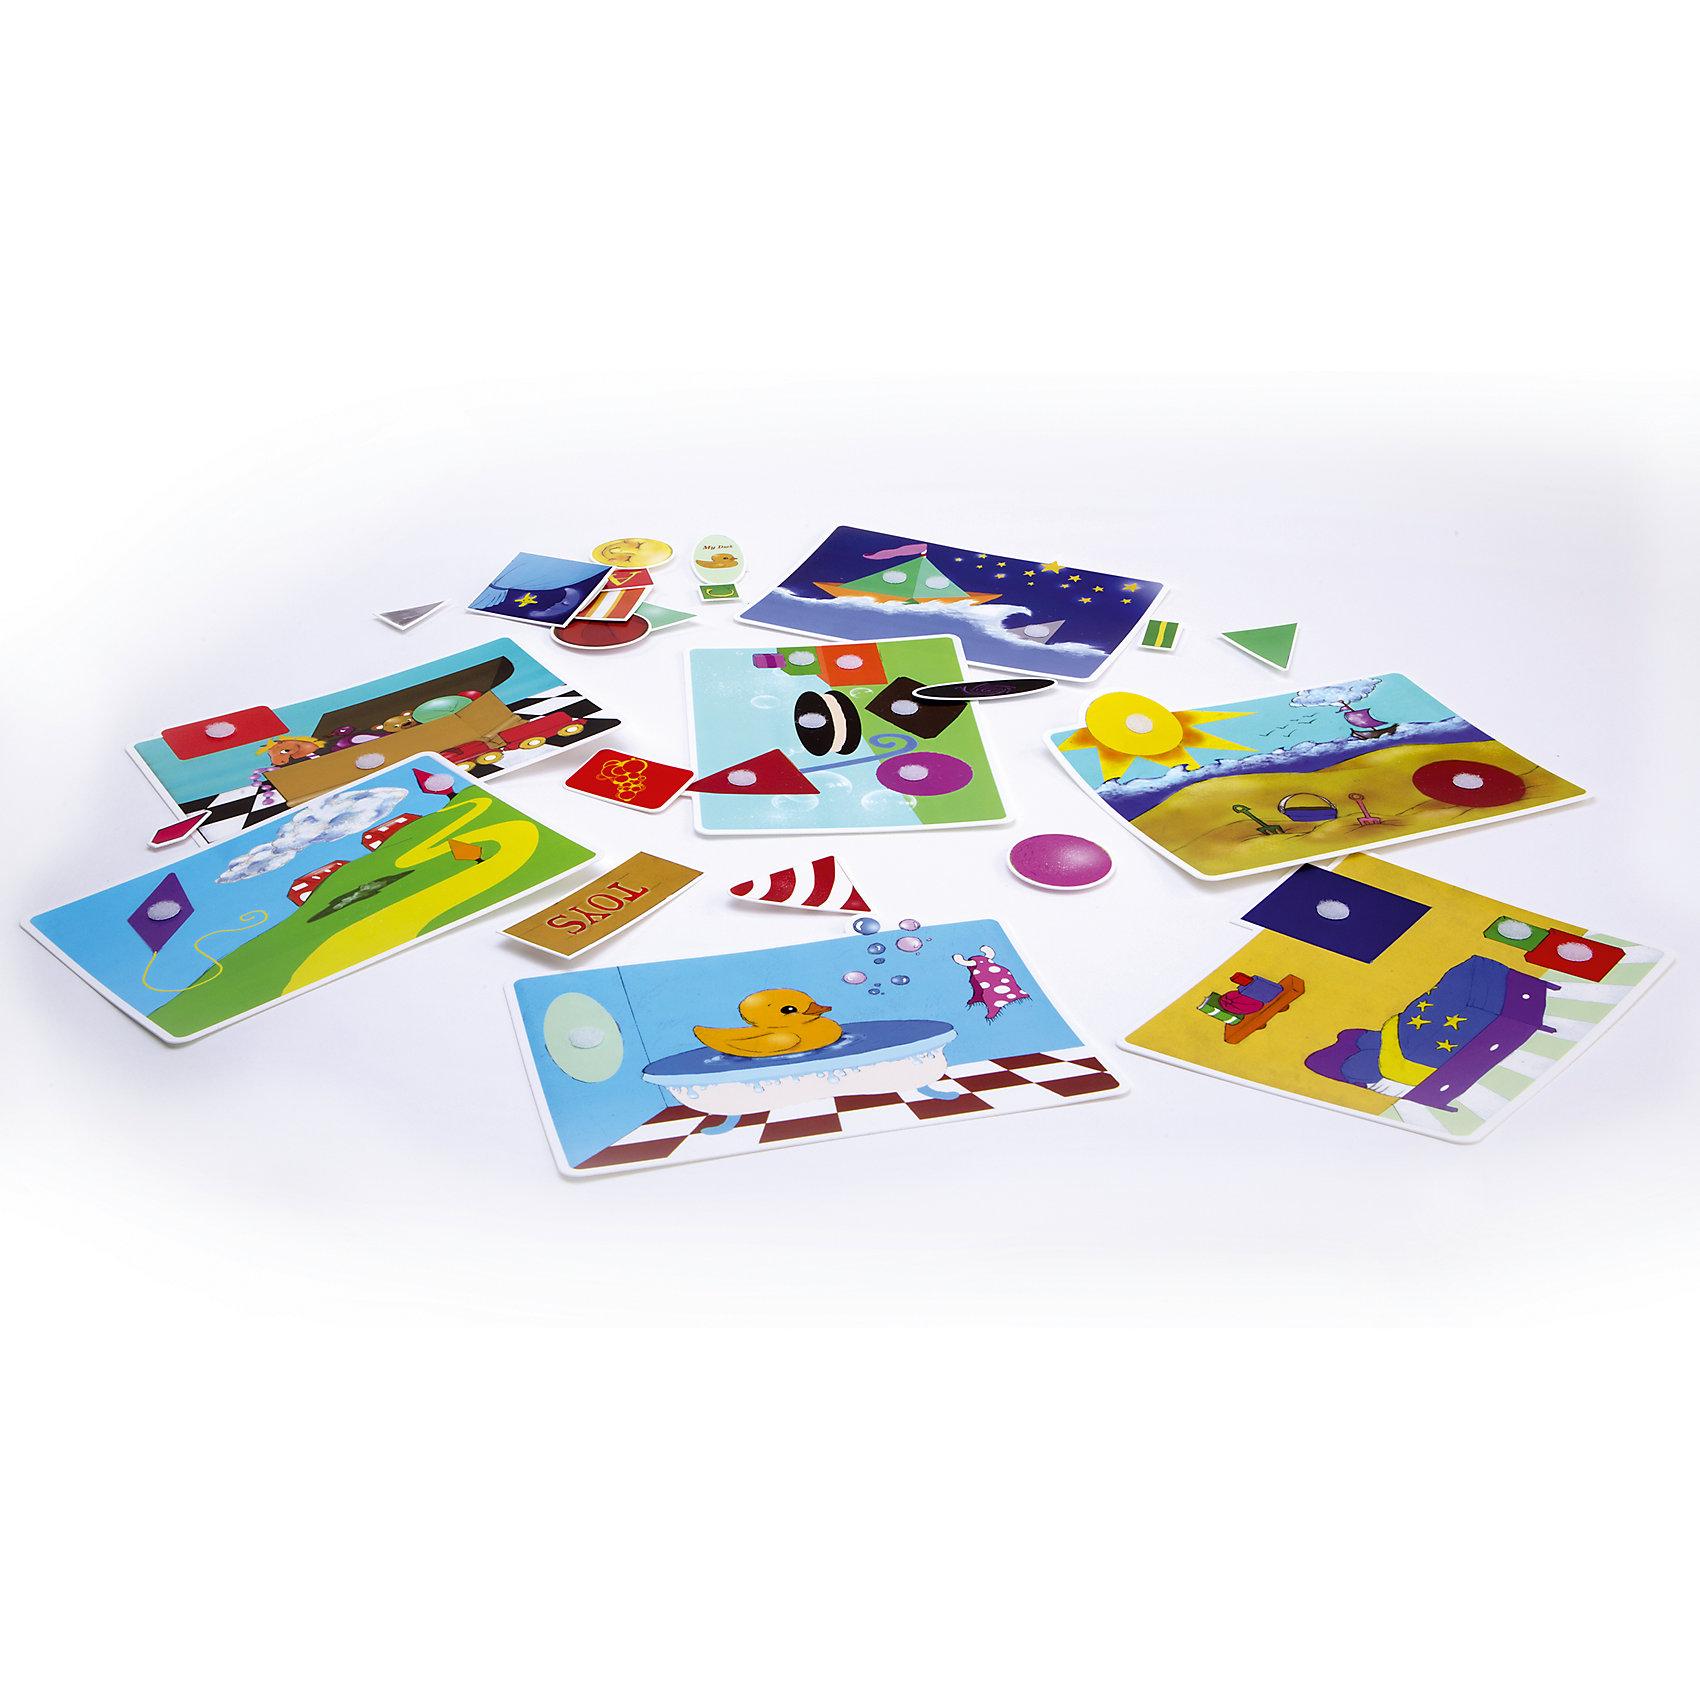 Игра Веселые фигурки, PicnMixИгры для дошкольников<br>Если Вы хотите занять малыша чем-то увлекательным и в то же время полезным, то игра Веселые фигурки, от Pic`n Mix - то, что Вы искали! В забавной игровой форме кроха легко выучит названия геометрических фигур, и будет с легкостью находить их в окружающих предметах. Игра выполнена из безопасных материалов и прекрасно подходит для малышей. Кроха будет с удовольствием находить квадрат, круг, ромб и другие фигуры и приклеивать на них на нужные места. Пазл-липучка Веселые фигурки будет способствовать развитию логического мышления, памяти, а также мелкой моторики рук.<br><br>Дополнительная информация:<br><br>- Развивает логику, память, мелкую моторику;<br>- 7 игровых полей;<br>- Яркие цвета;<br>- Размер упаковки: 25 х 16 х 5,2 см;<br>- Вес: 300 г<br><br>Игру Веселые фигурки, Pic`n Mix можно купить в нашем интернет-магазине.<br><br>Ширина мм: 250<br>Глубина мм: 160<br>Высота мм: 52<br>Вес г: 300<br>Возраст от месяцев: 36<br>Возраст до месяцев: 60<br>Пол: Унисекс<br>Возраст: Детский<br>SKU: 4089710